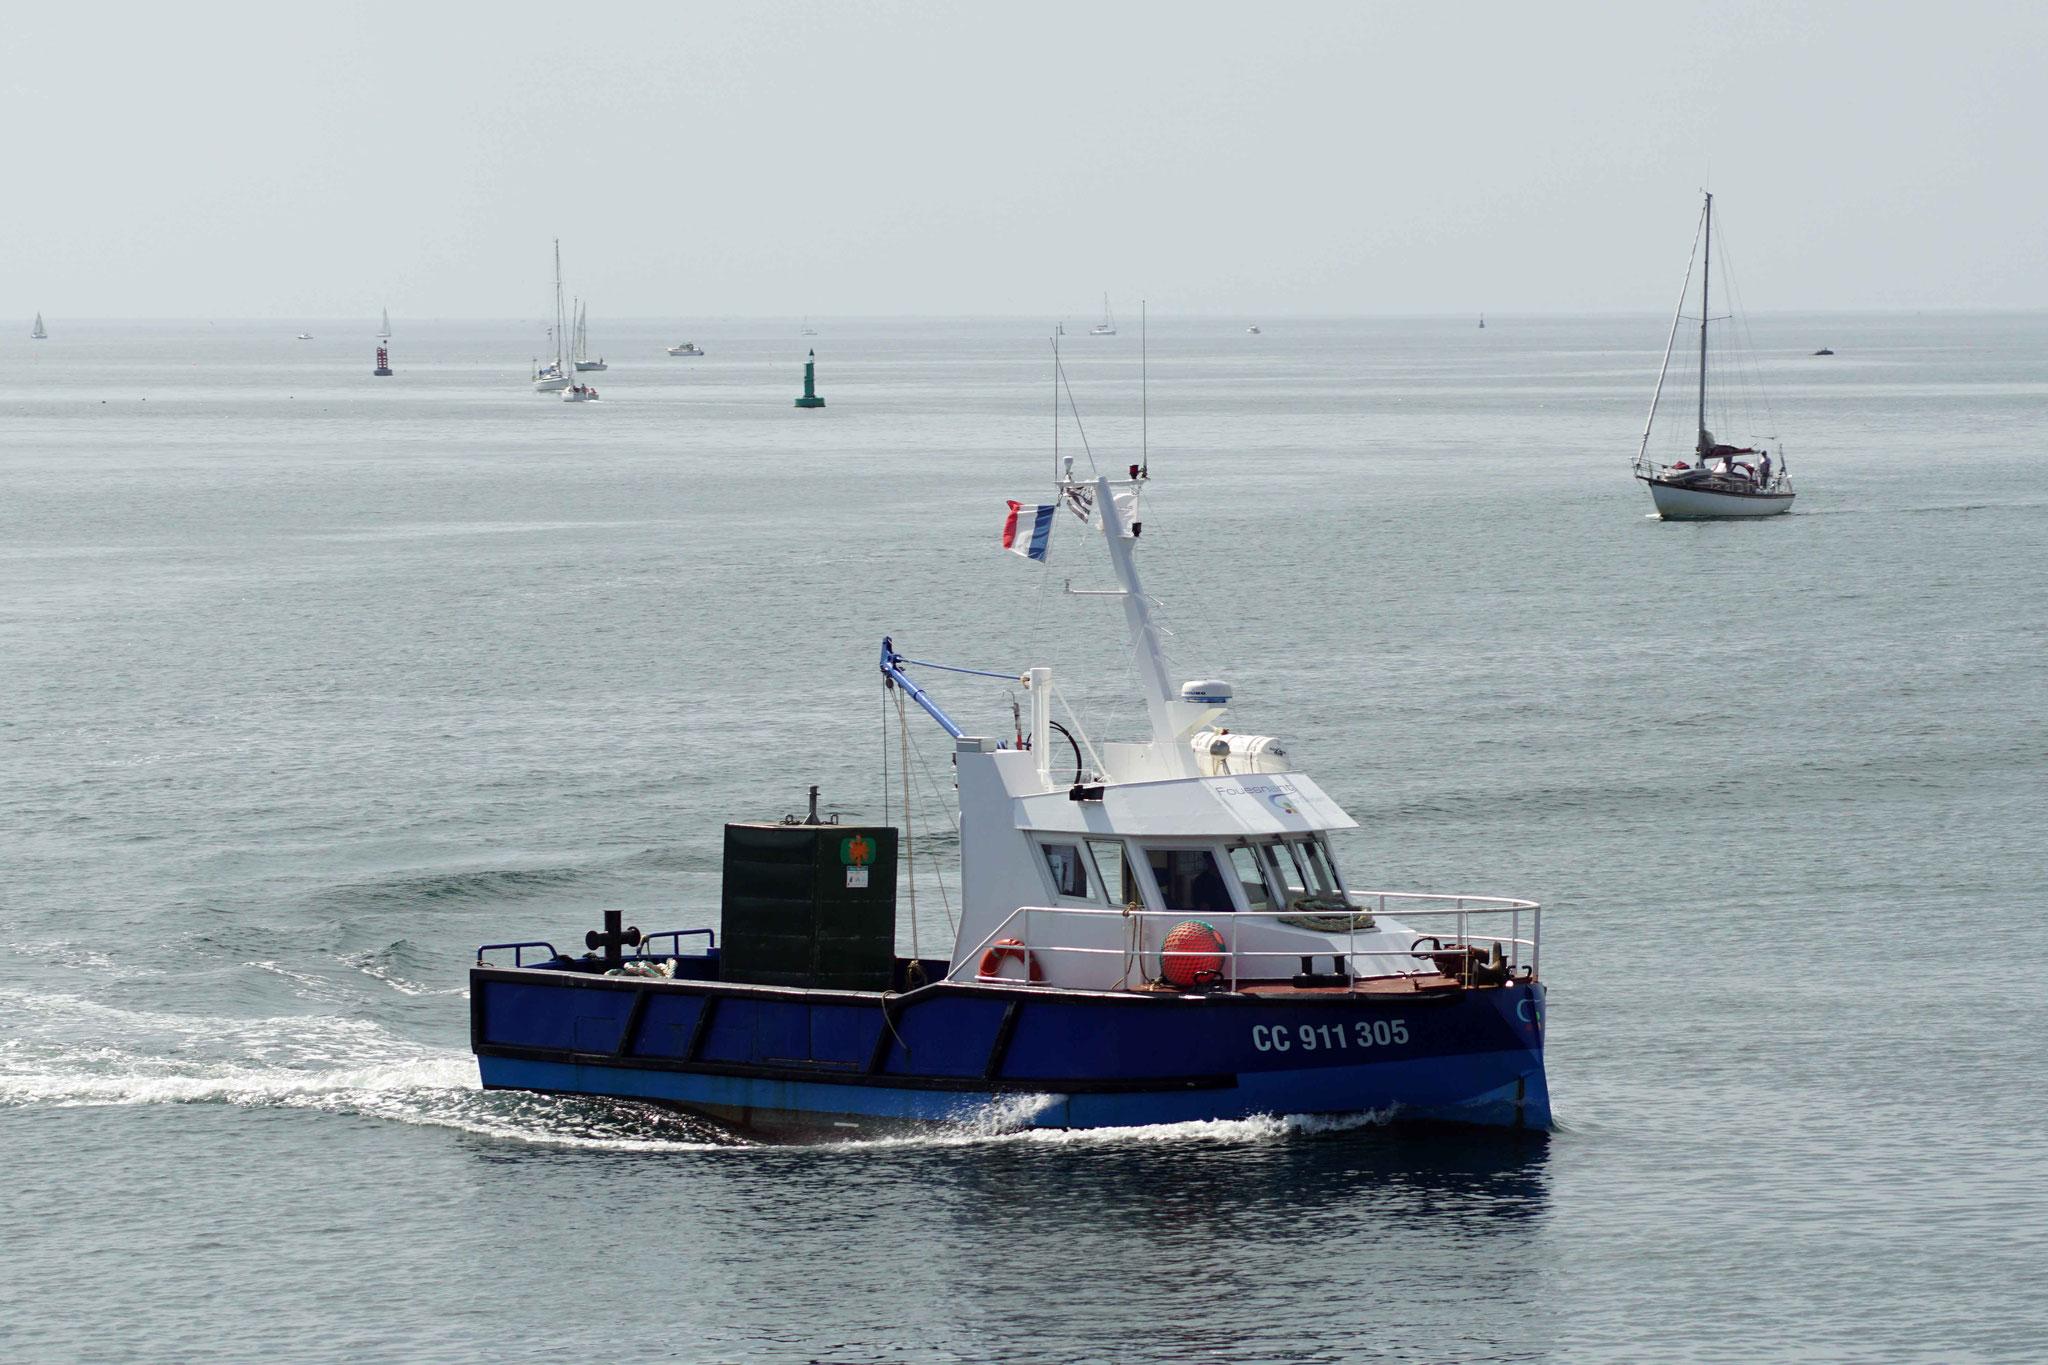 Fouesnant Les Glénan (Caboteur, navire de ravitaillement des Glénan ; 11,90 m / 5 m  ~ Mairie de Fouesnant), CC 911 305 ~ Construit en 1999